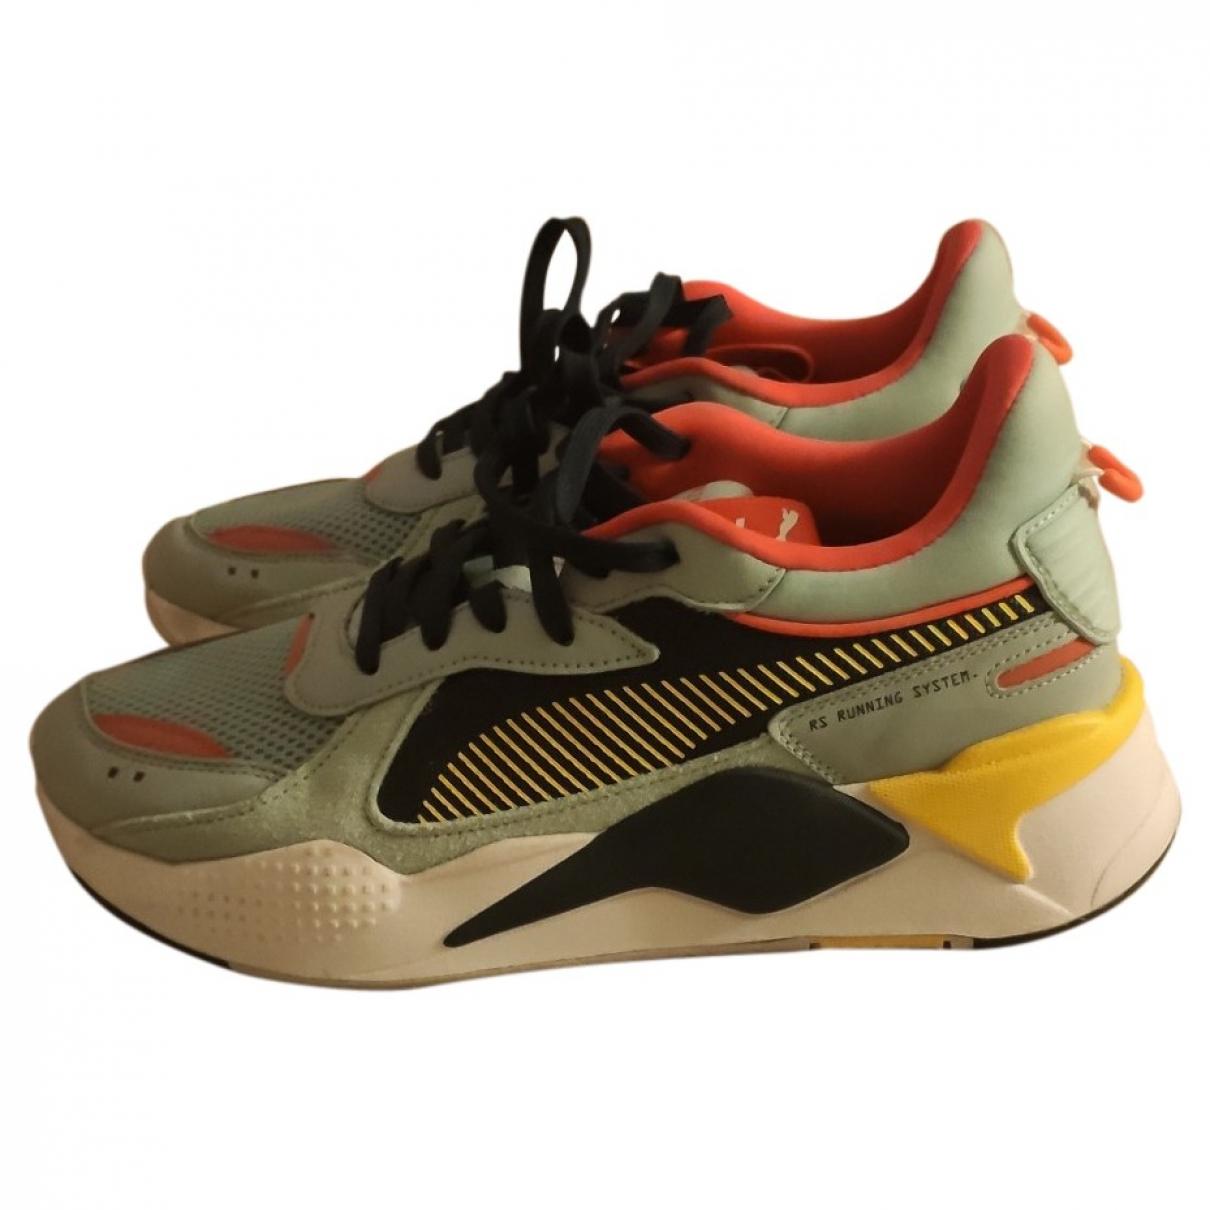 Puma - Baskets   pour homme en toile - multicolore